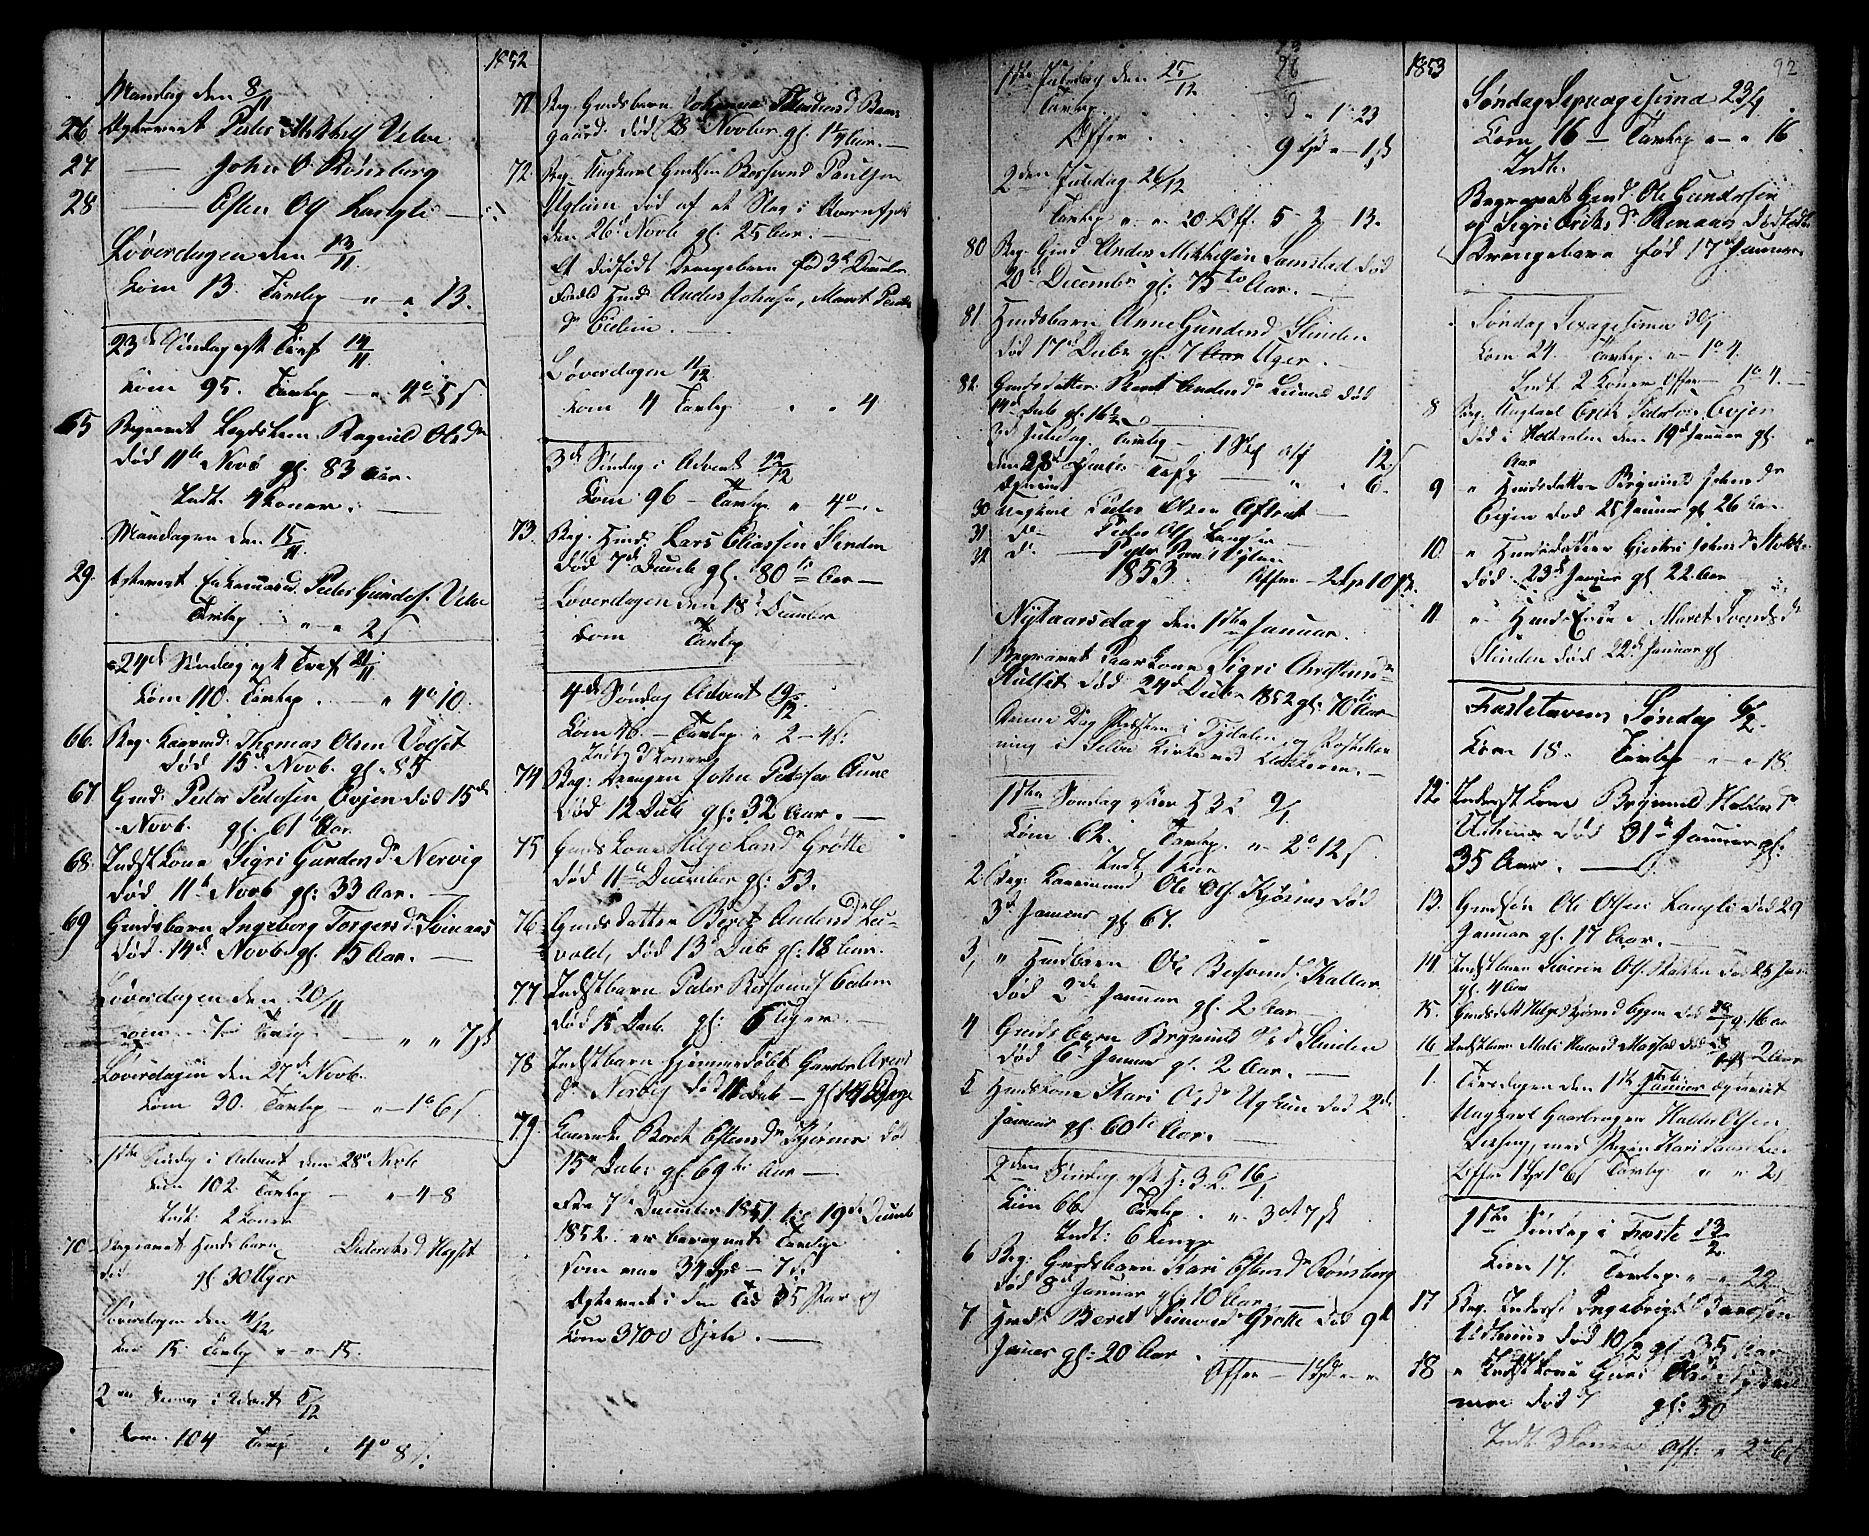 SAT, Ministerialprotokoller, klokkerbøker og fødselsregistre - Sør-Trøndelag, 695/L1154: Klokkerbok nr. 695C05, 1842-1858, s. 92